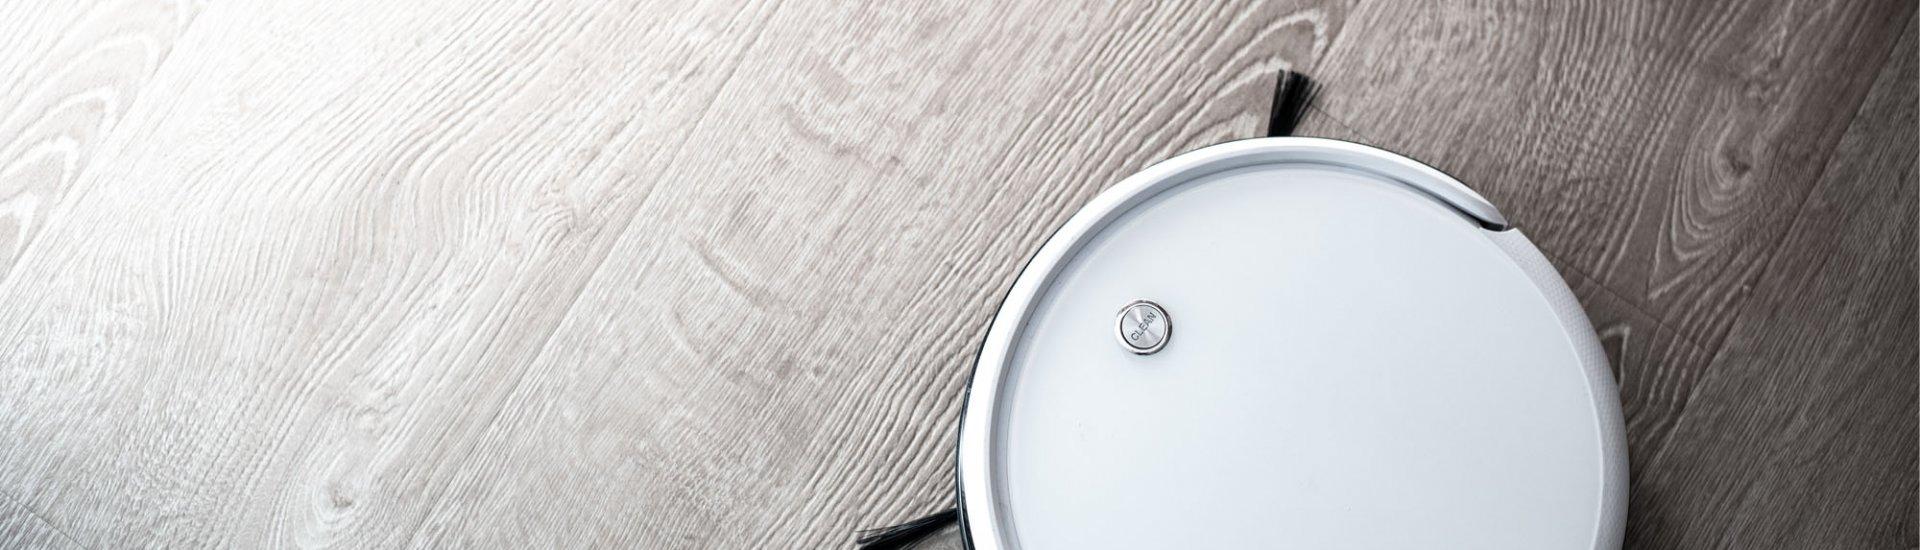 Saugroboter mit Wischfunktion: Top 3 Modelle, Kriterien für den Kauf